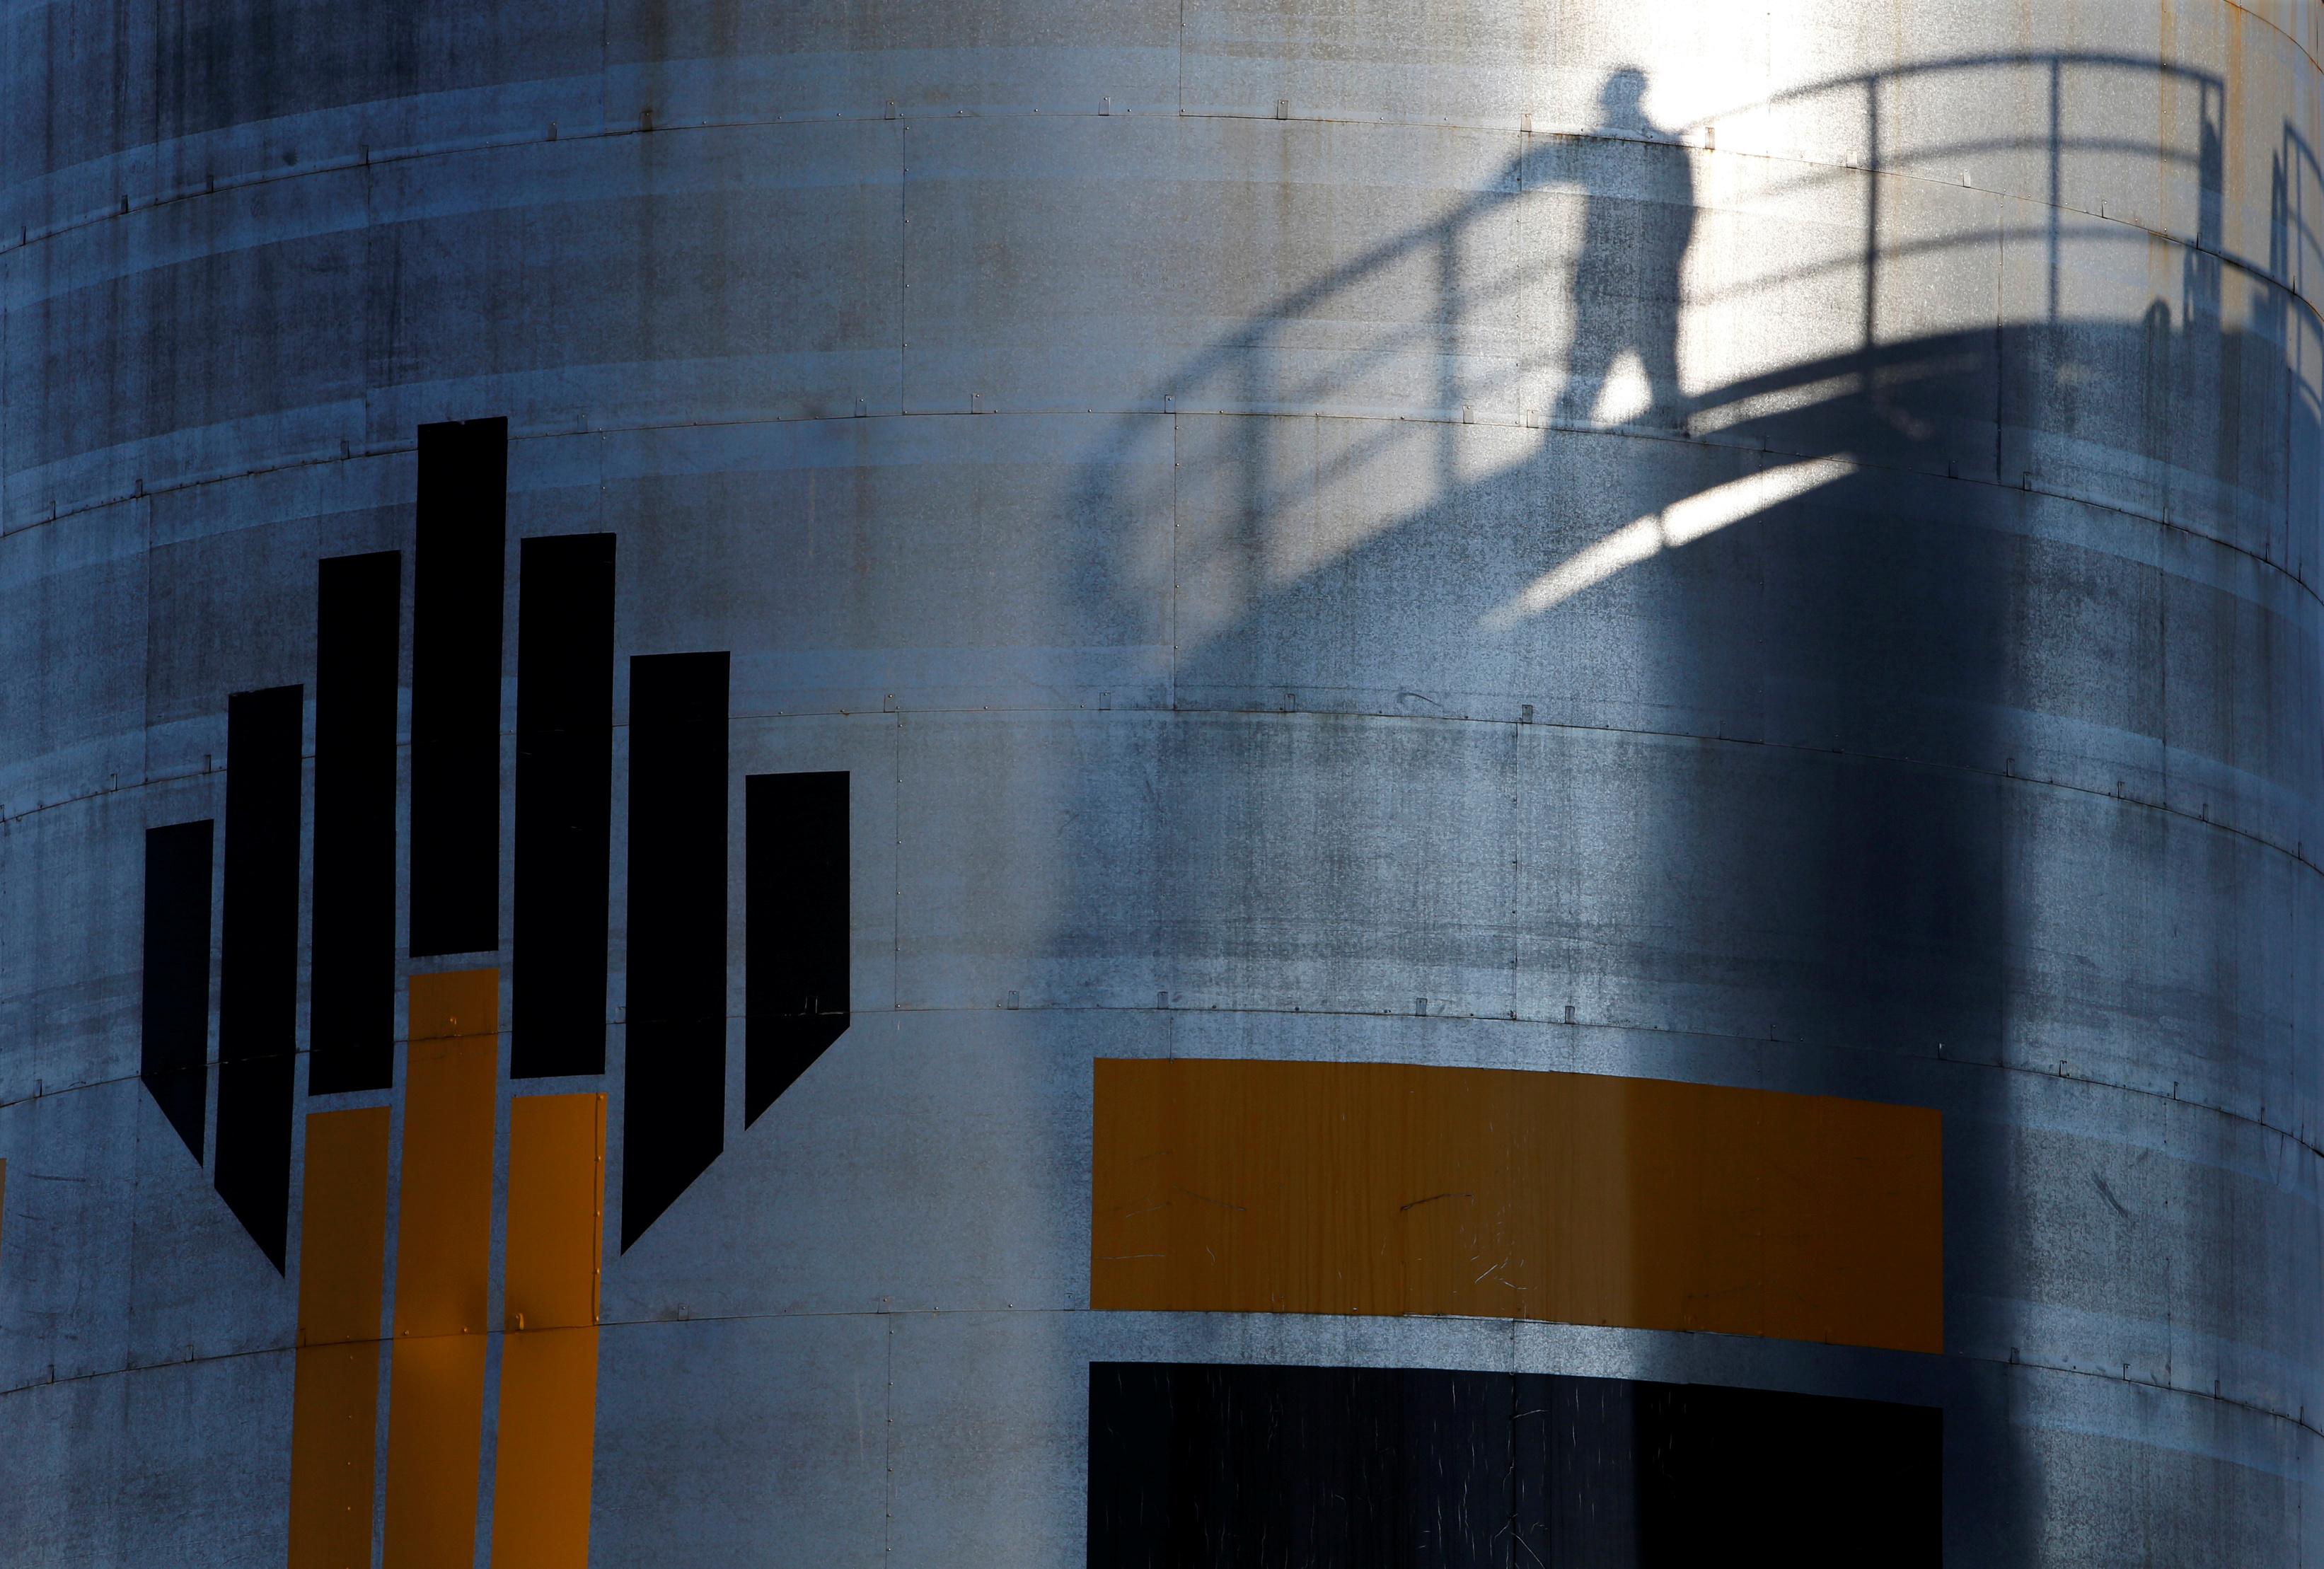 Morgan Stanley прогнозирует рост прибыли «Роснефти» благодаря M&A